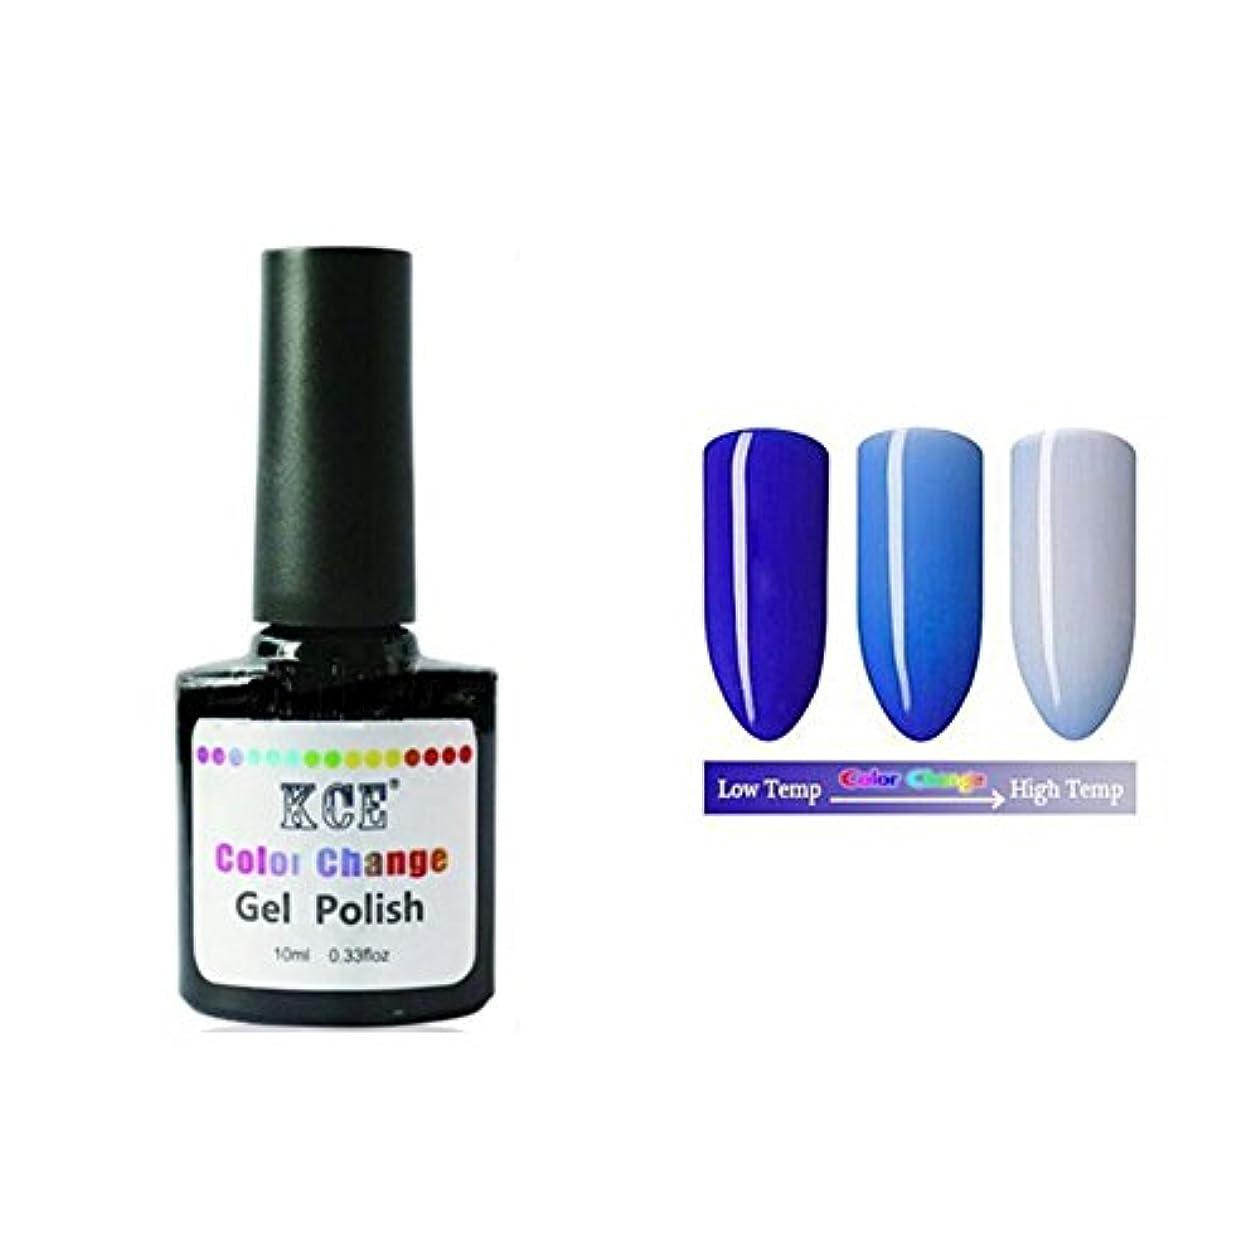 パーチナシティ広く特別に1ボトル10ml 温度によって色が変わる ネイルジェル 変色ジェルネイル UV/LEDジェルネイルアート